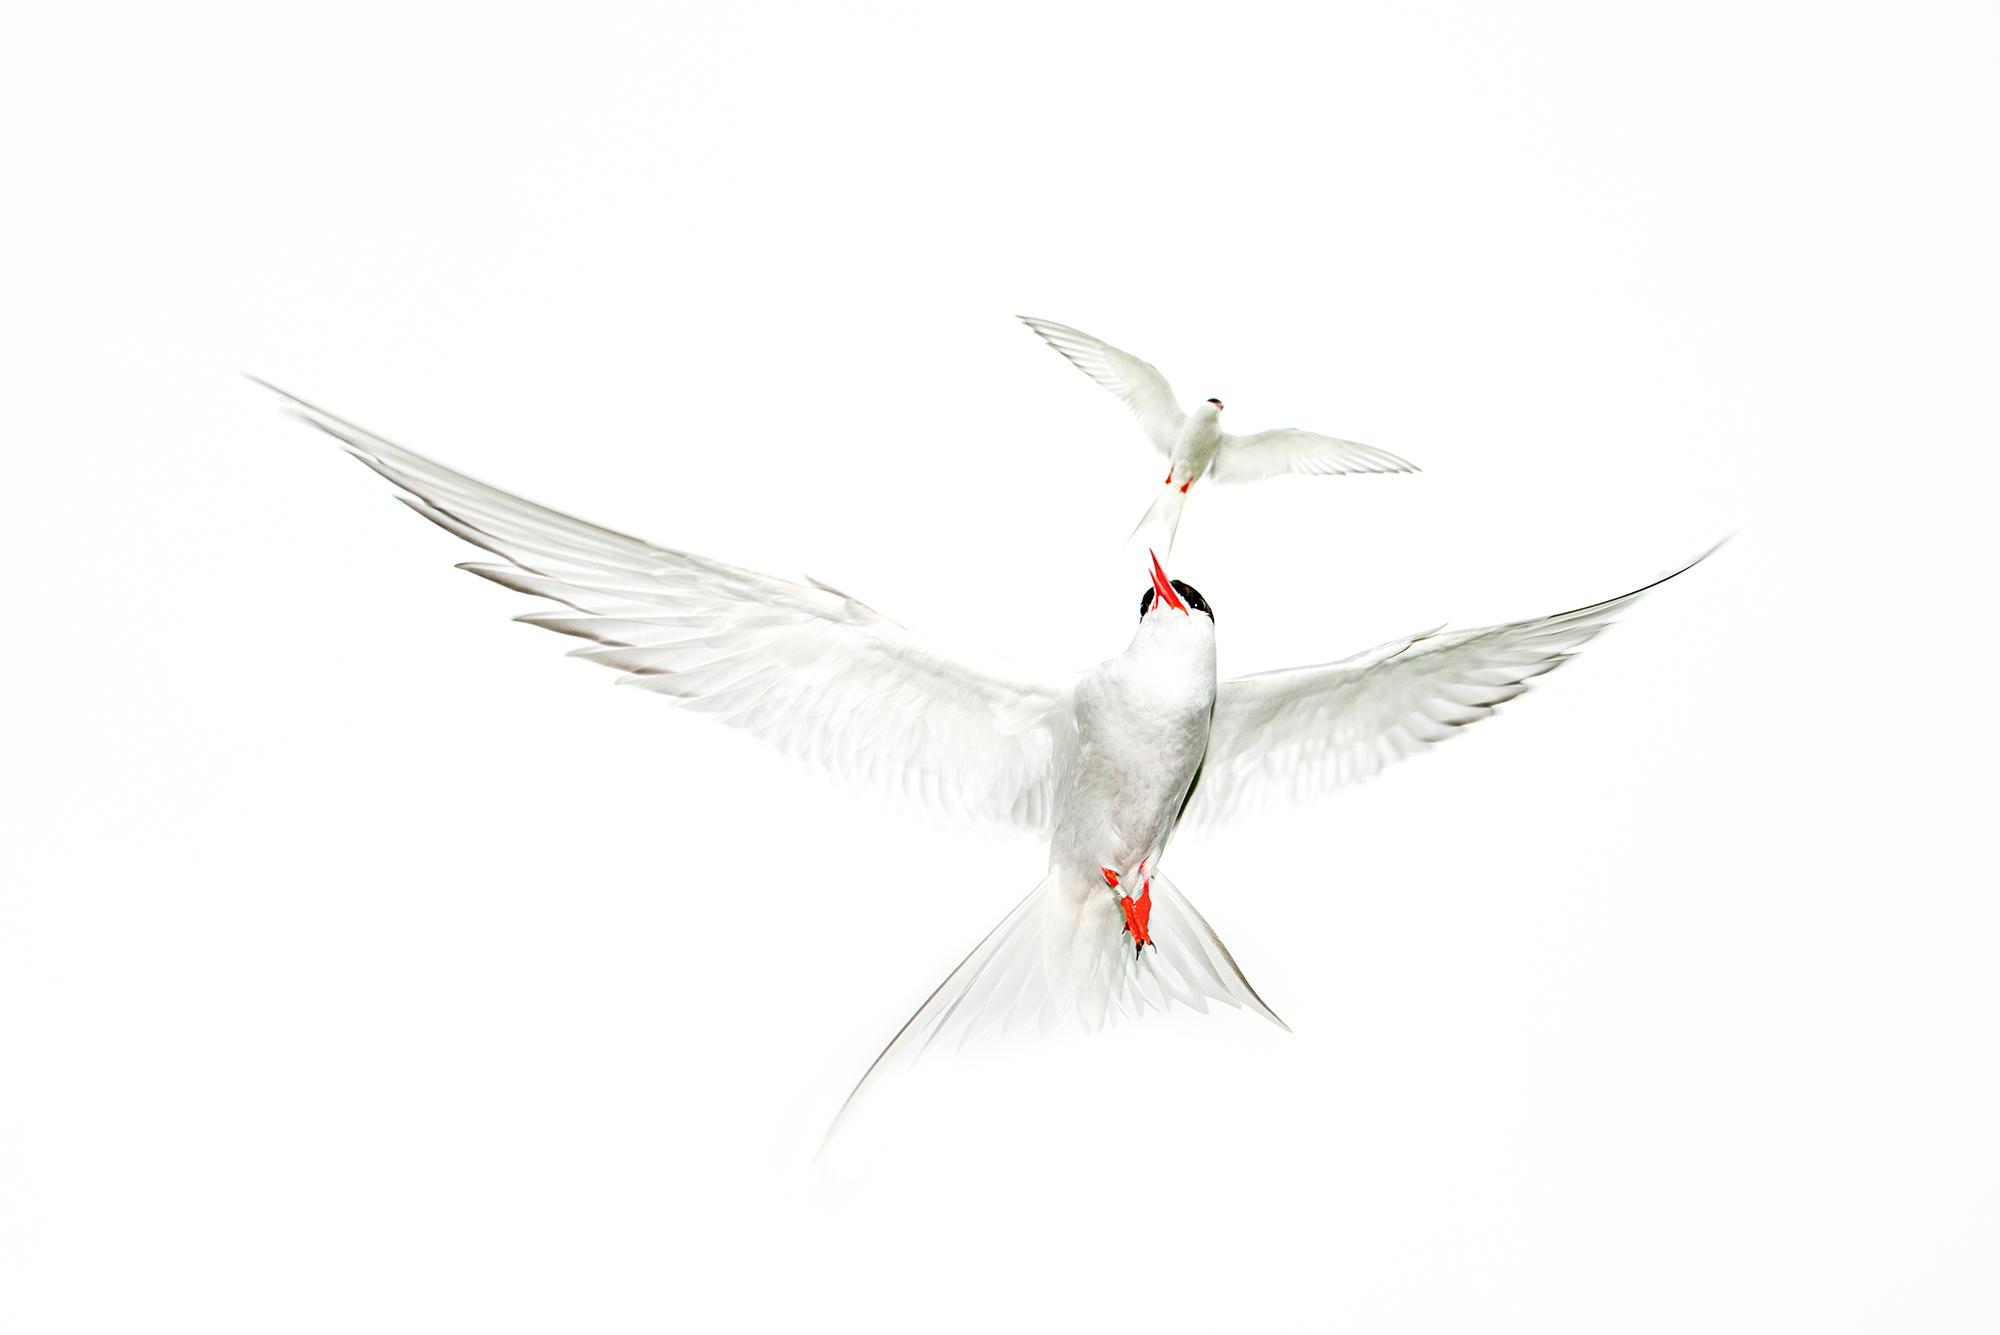 Terns Dance - Ignacio Medem - Portfolio Natural, Fotografía de Naturaleza de Autor